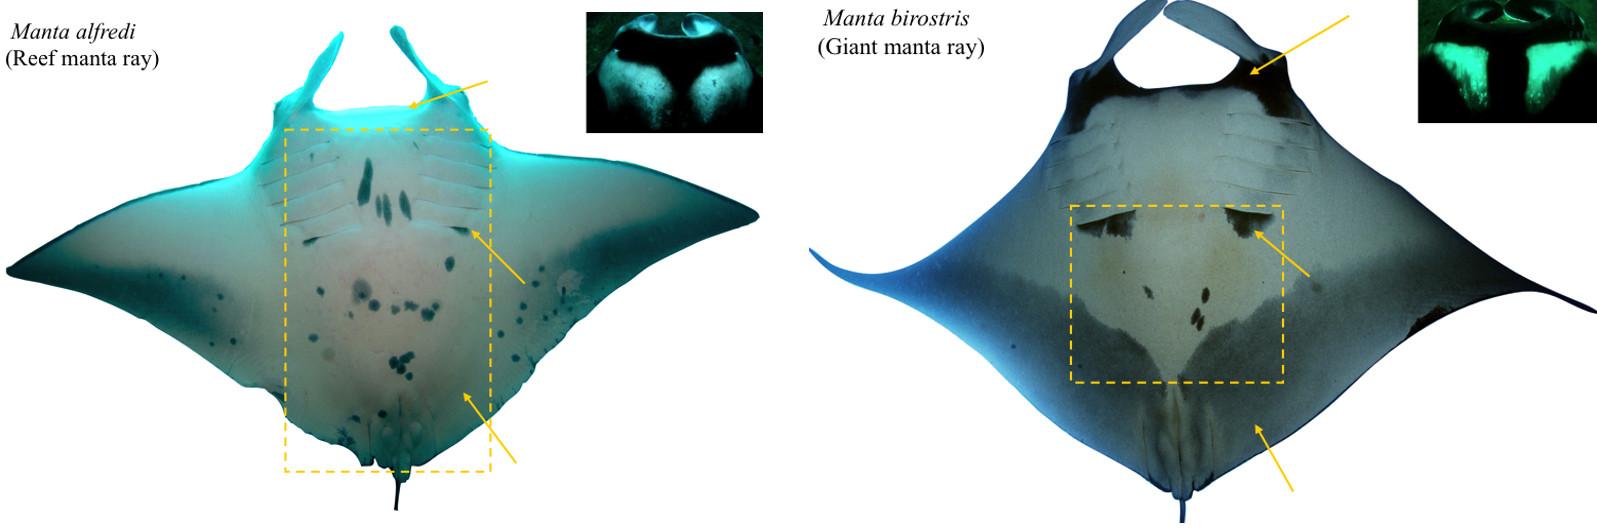 diferences manta ray